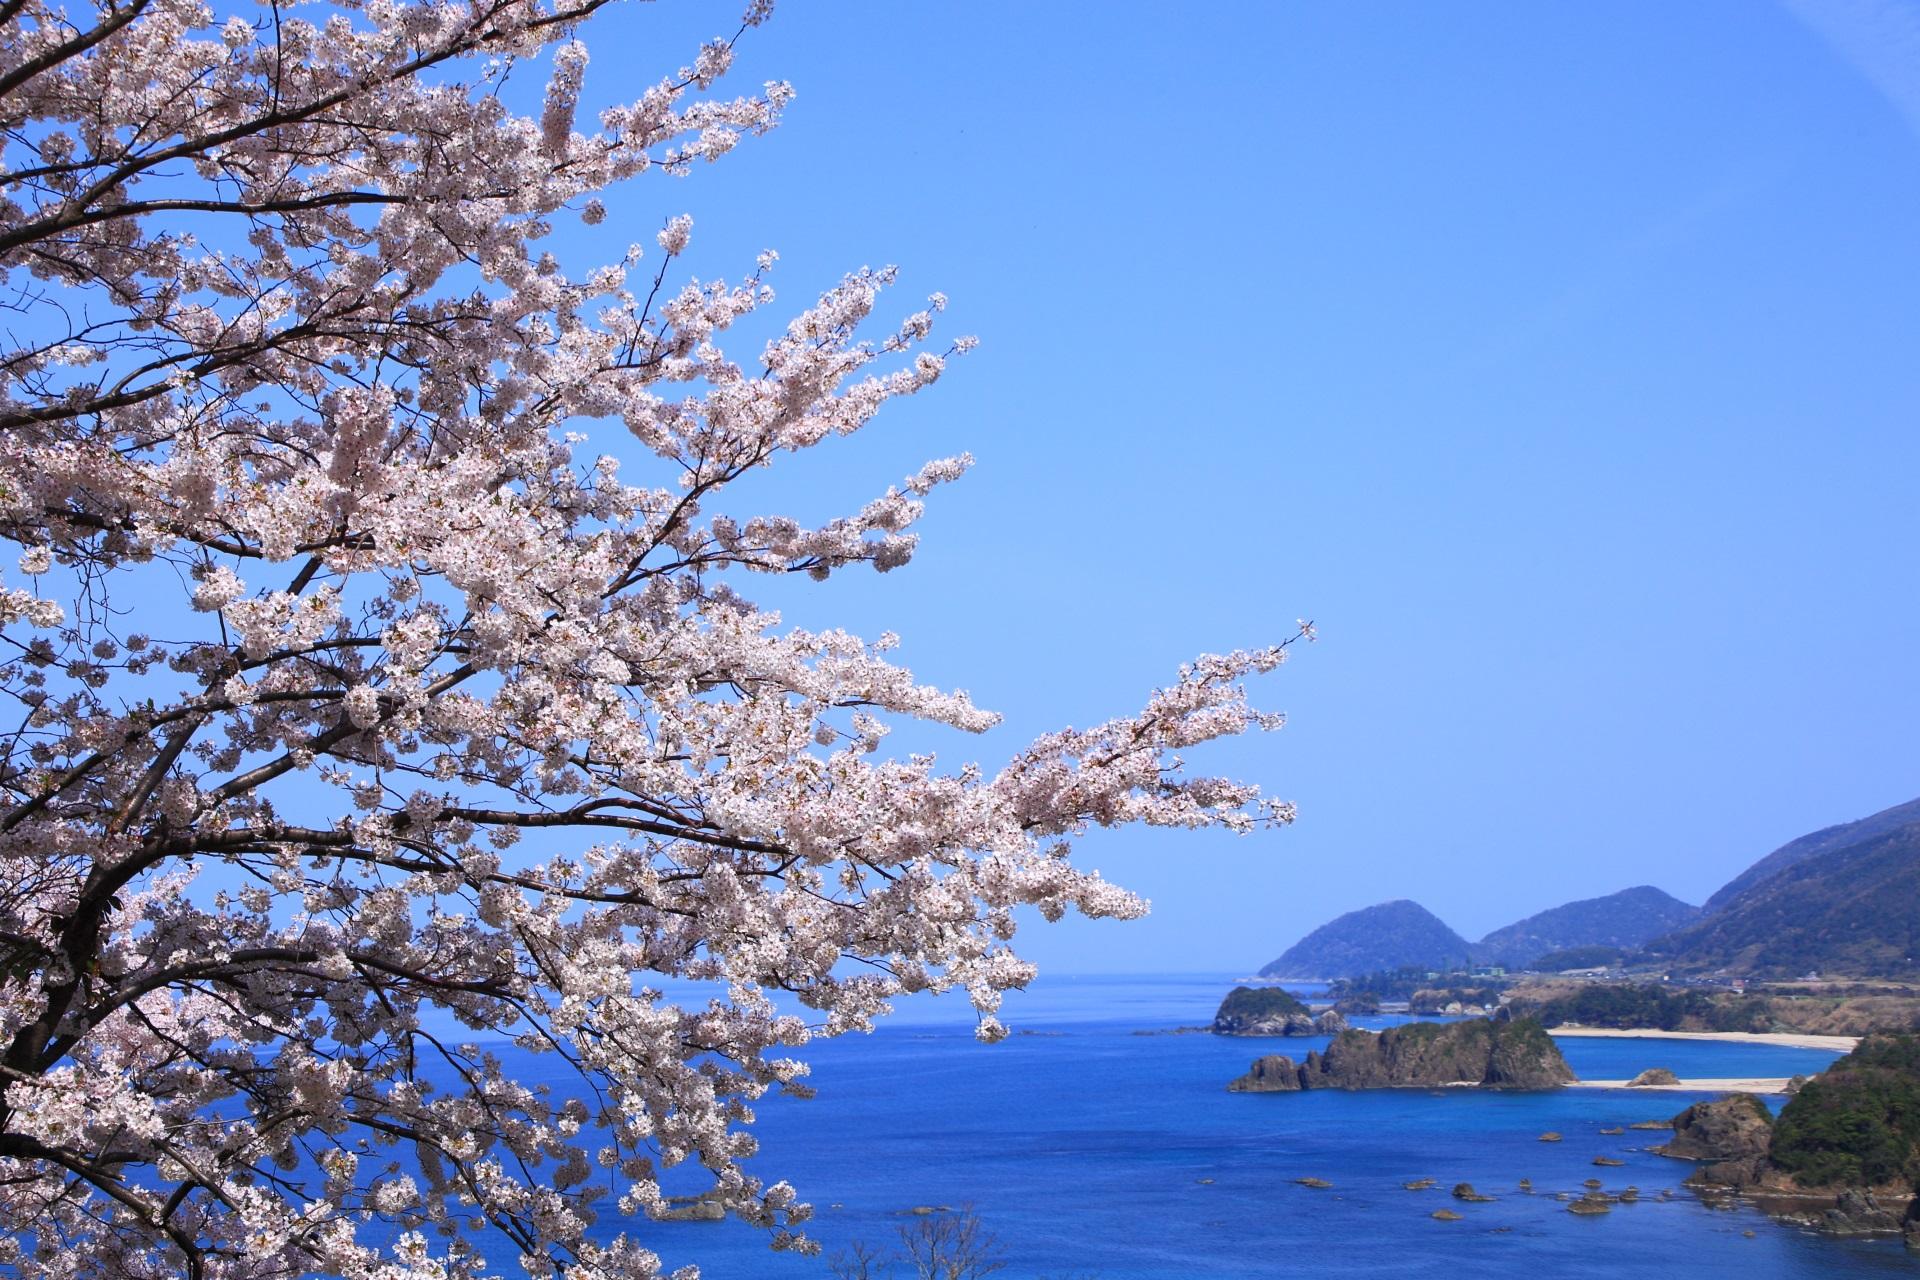 丹後松島の雲一つない青空を華やぐ桜